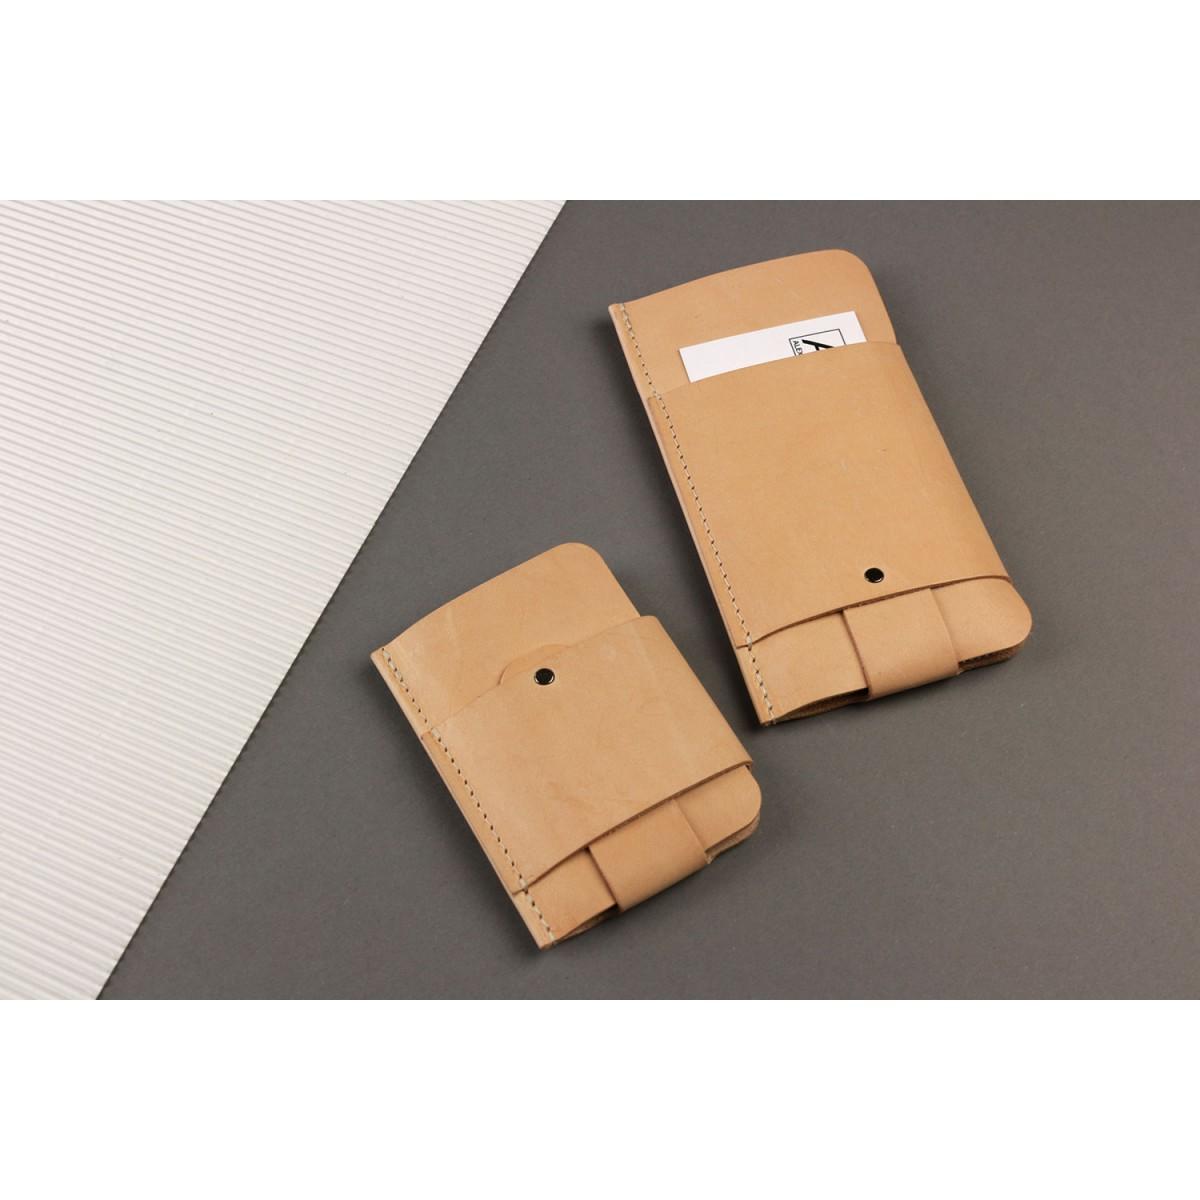 Gentleman Slim Wallet aus Leder - Natur [N]